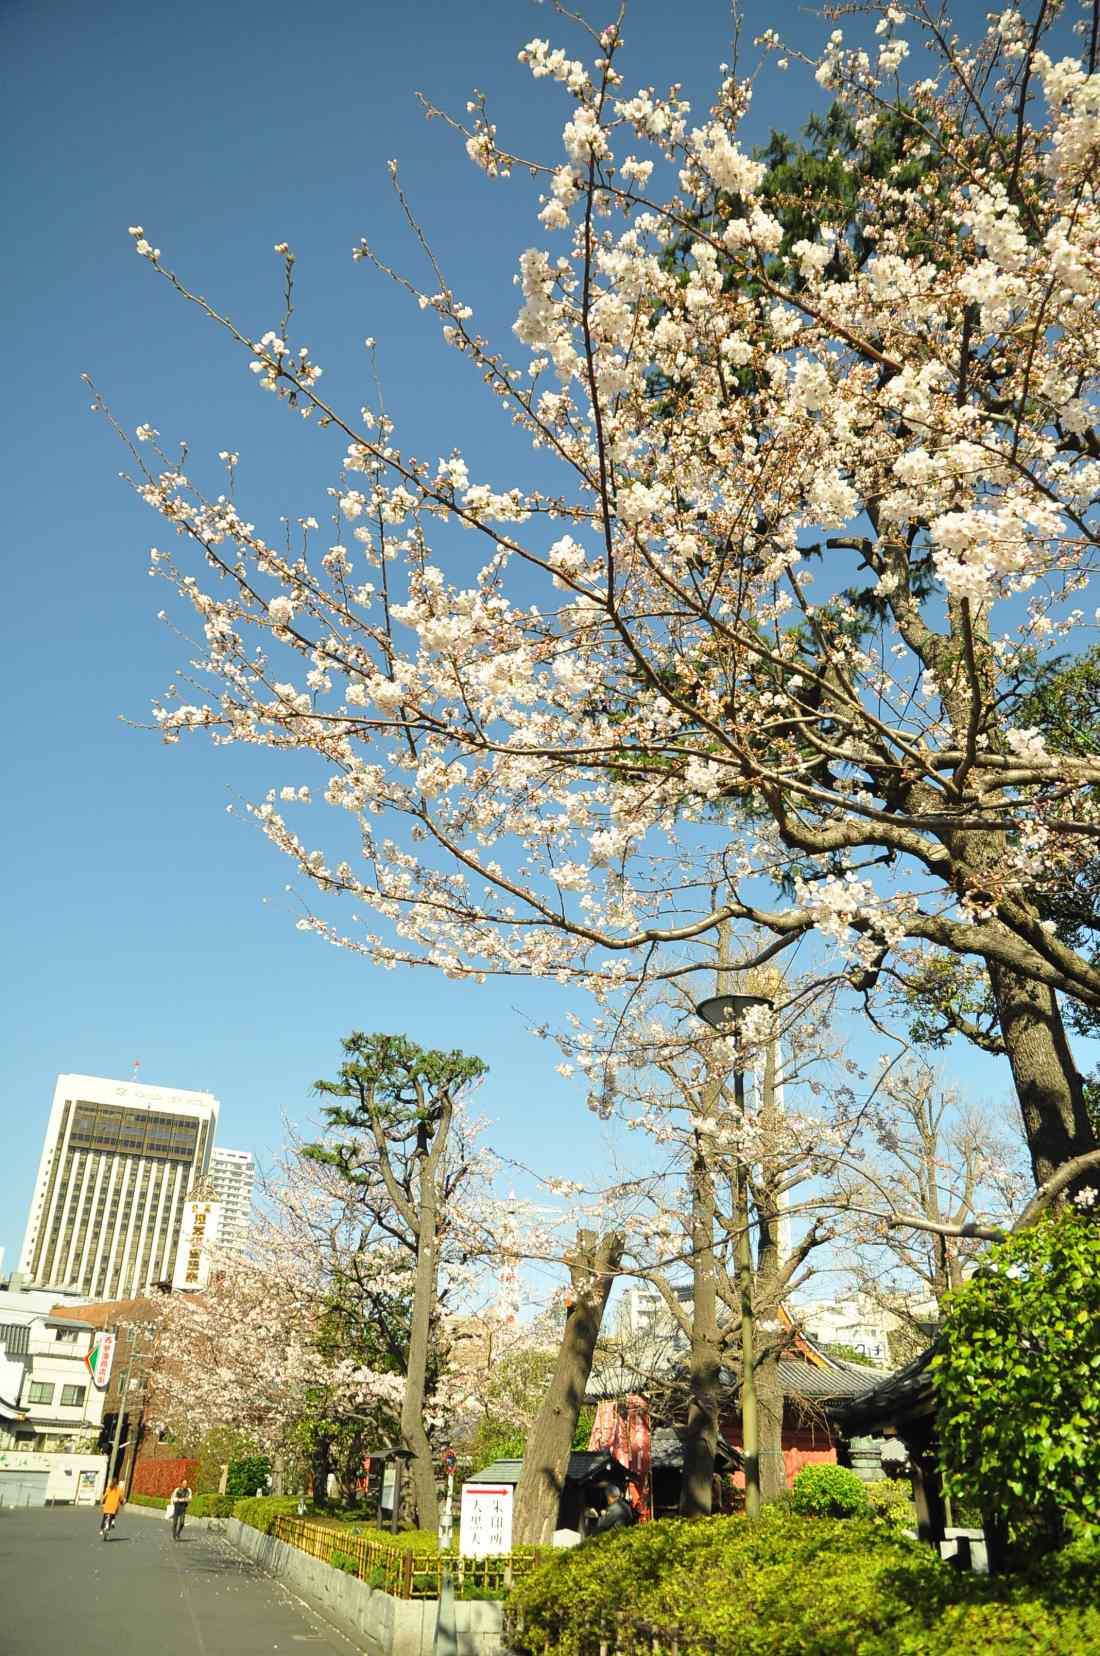 2013.03.21 淺草-上野-銀座-台場 (74).JPG